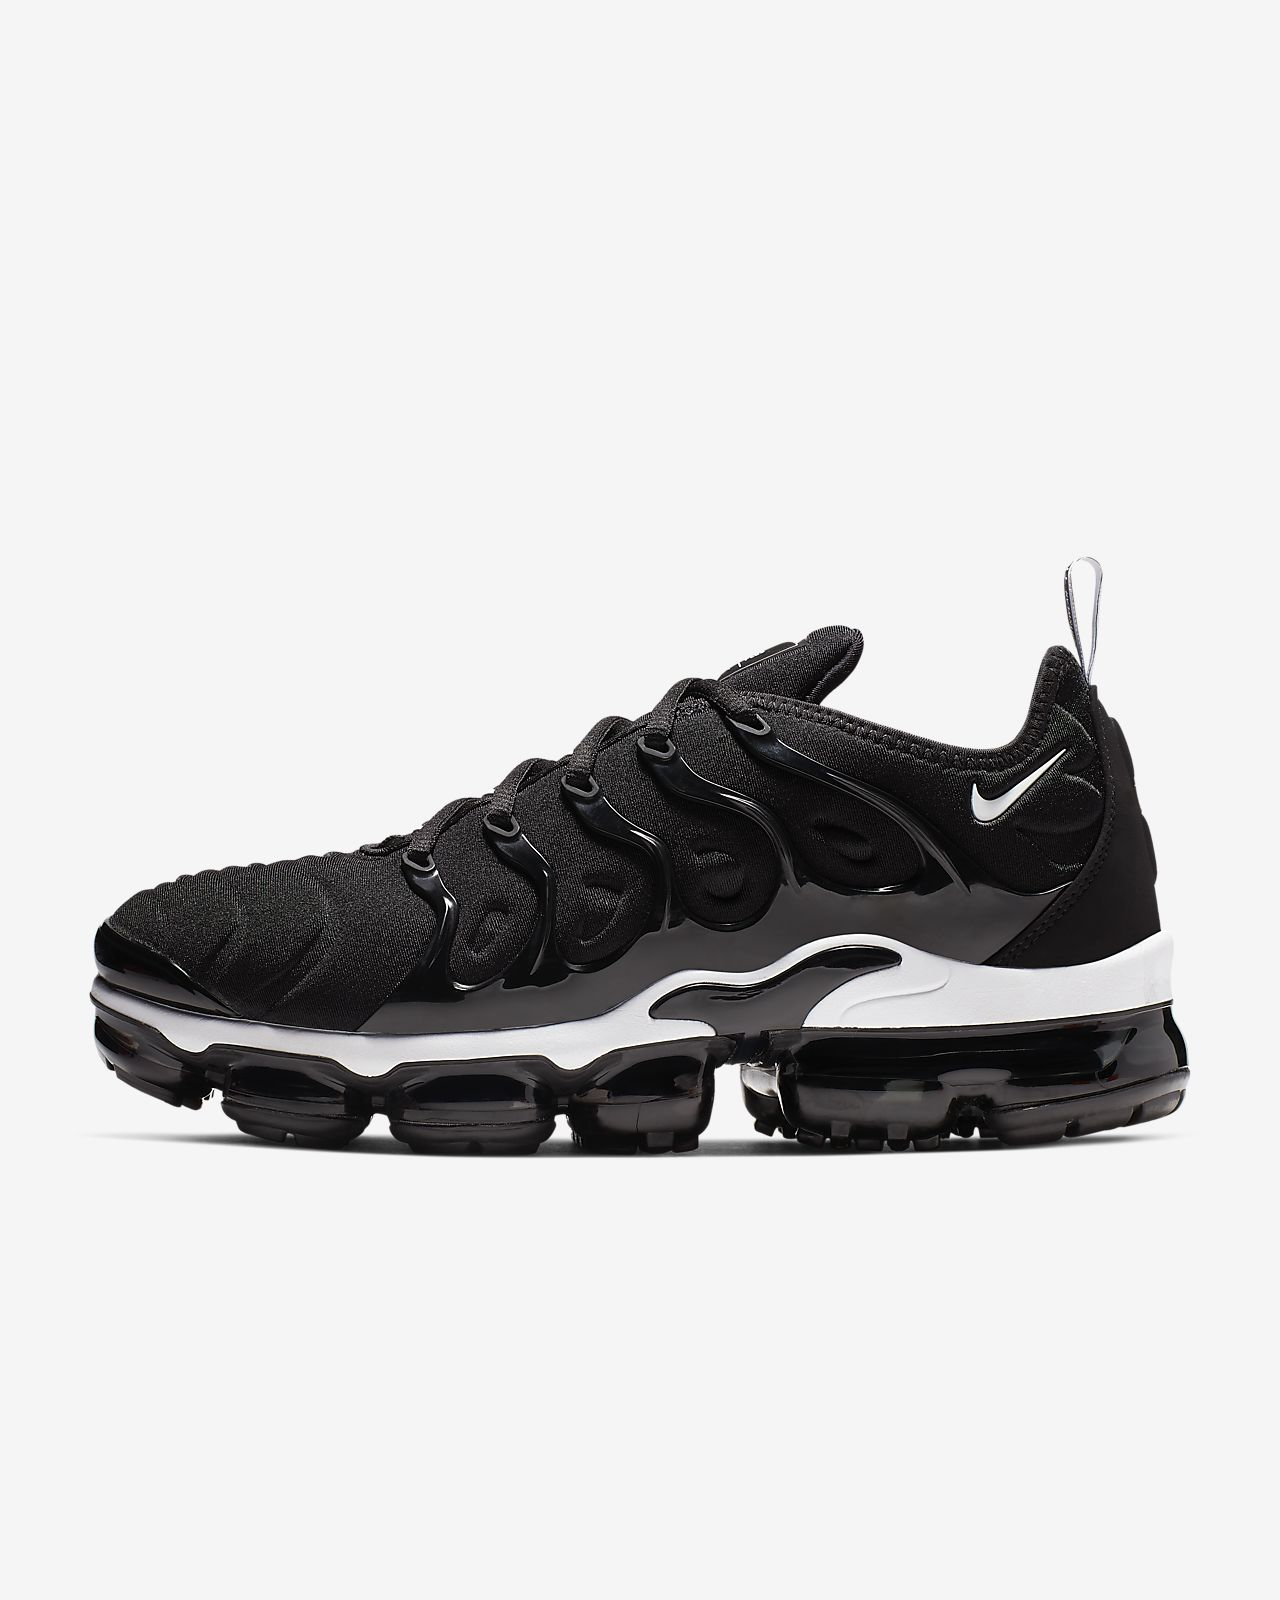 Ebay Nike Lab Air Max 270 Off Schwarz Weiß 32932 769ea